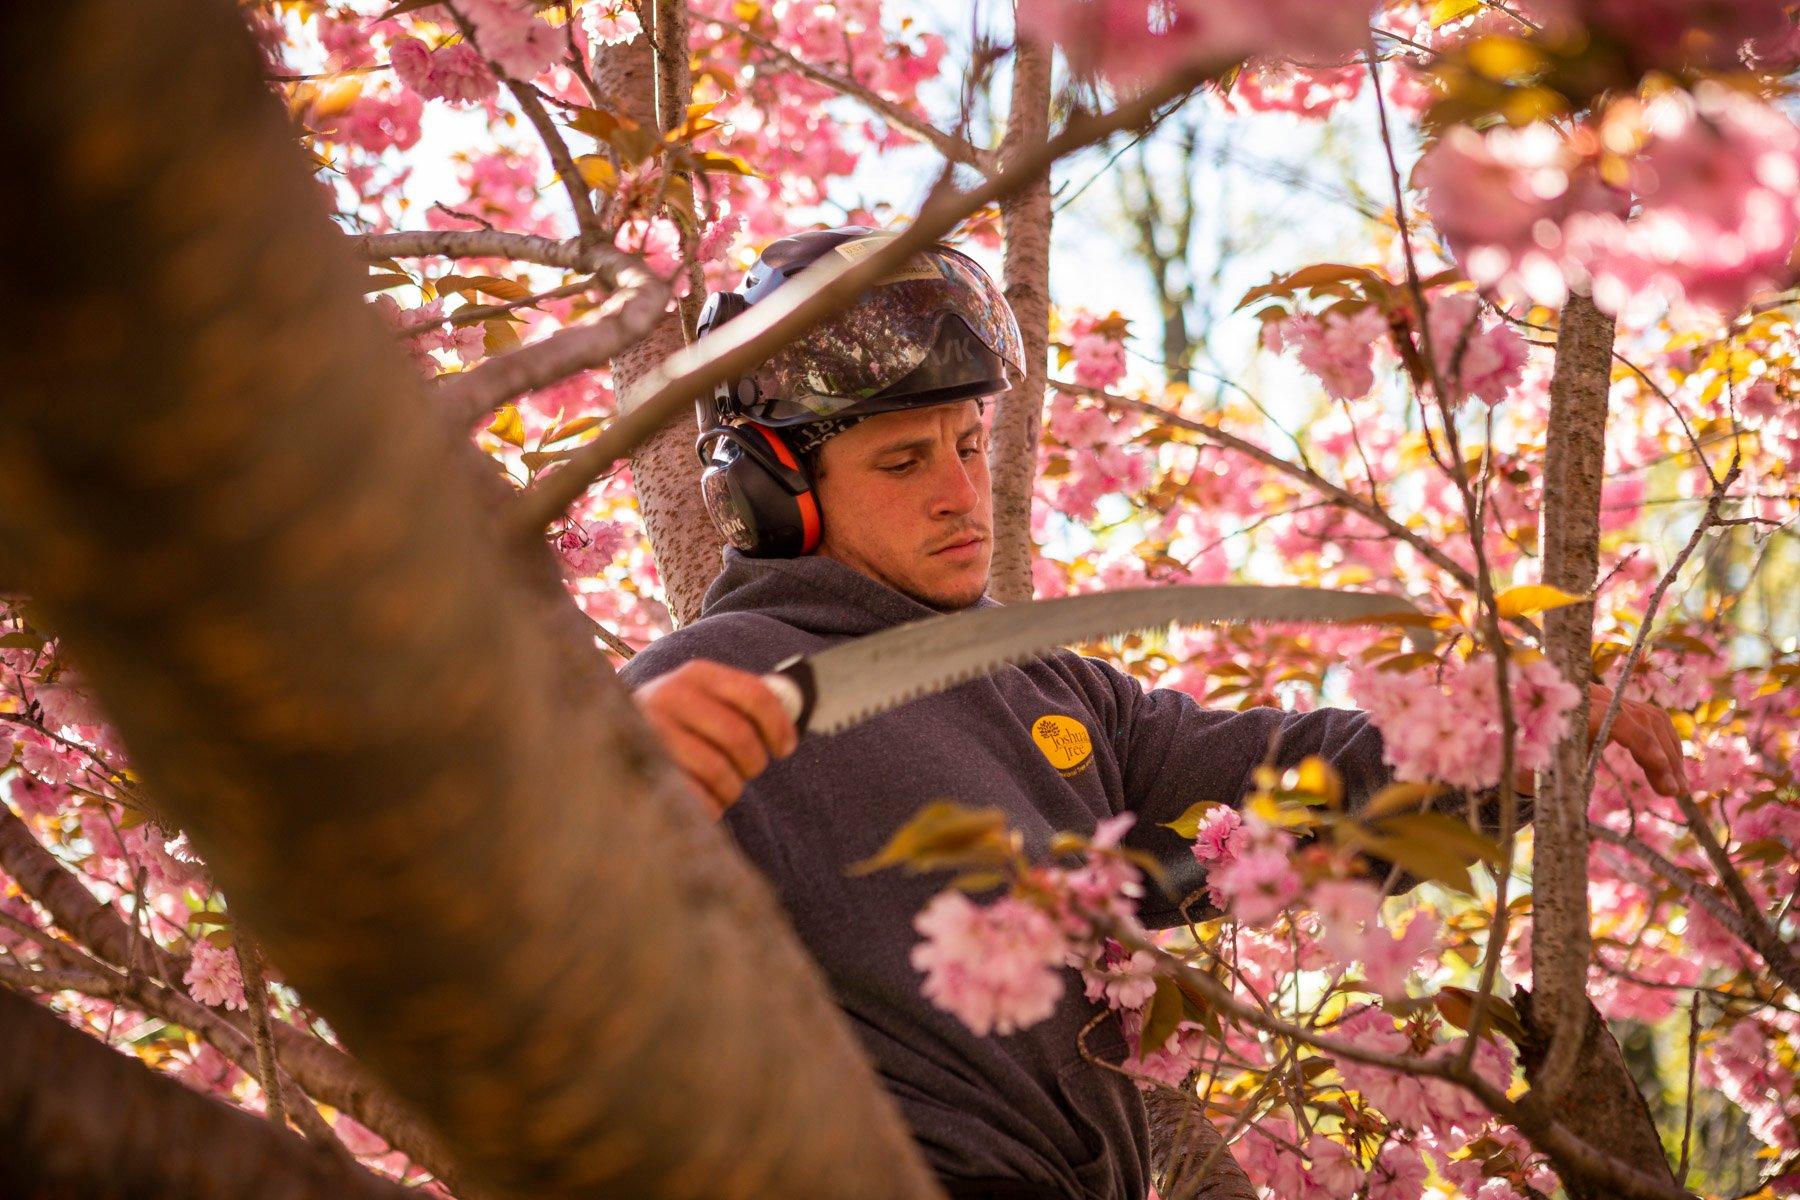 Certified tree arborist pruning a flowering tree